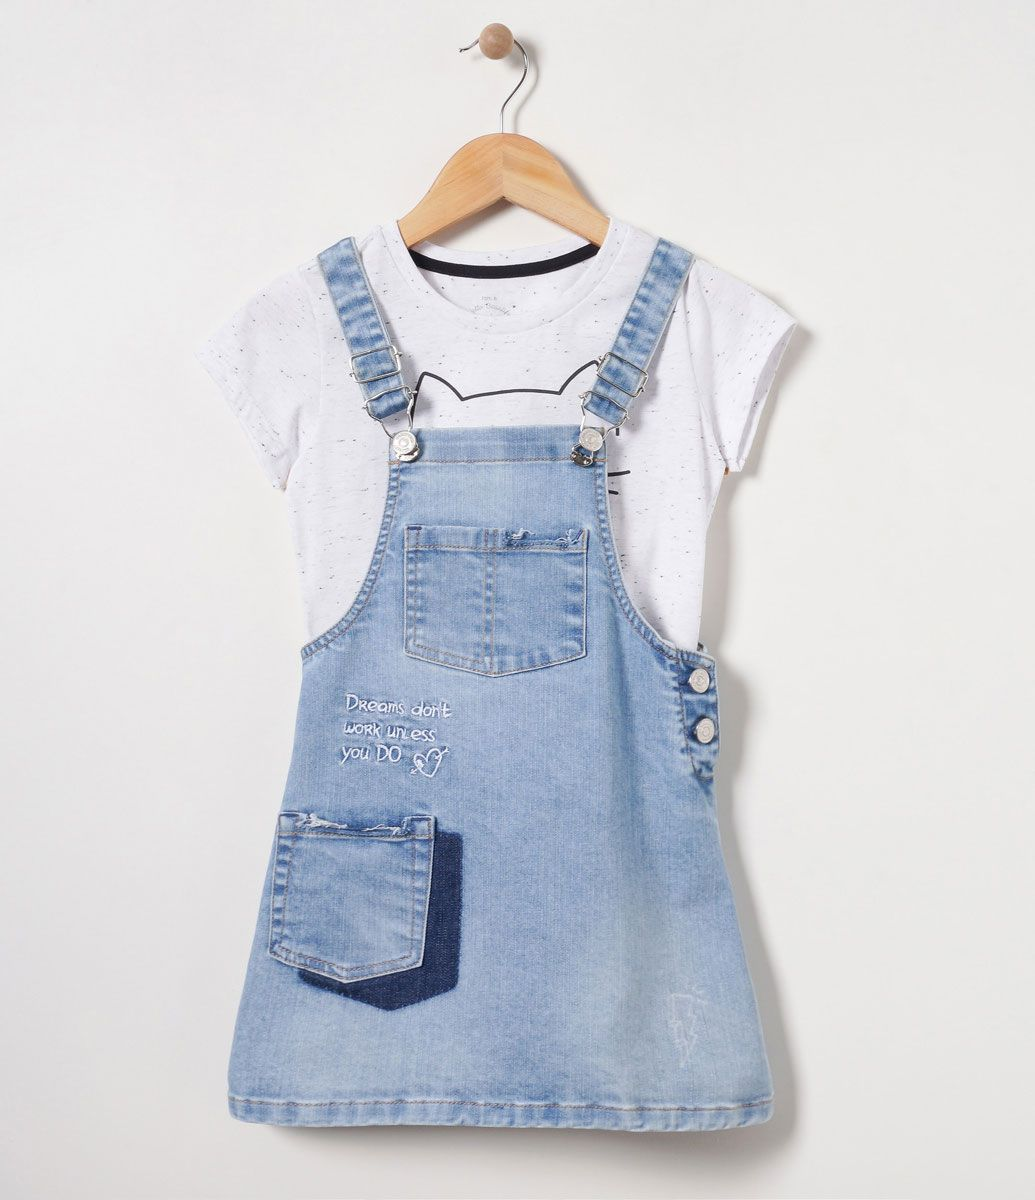 Jardineira Infantil que acompanha blusinha infantil com estampa Jardineira  com detalhes de bolsos e lettering Marca f06739c48e4